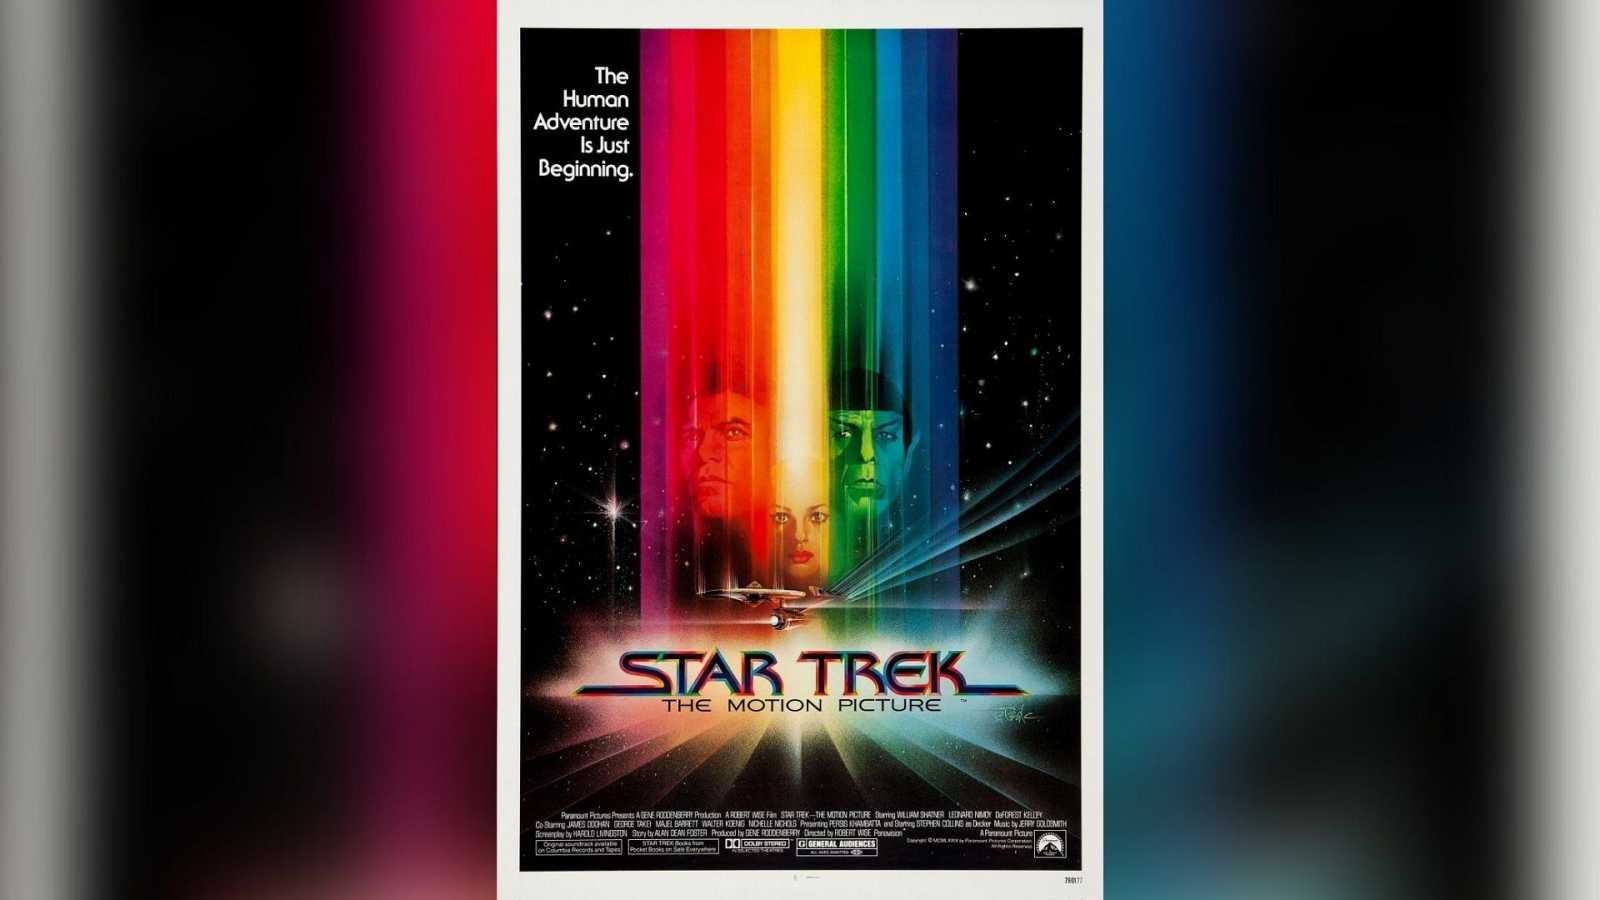 Ciencia y acción - Star Trek, la película (Robert Wise, 1979) - 06/10/16 - escuchar ahora